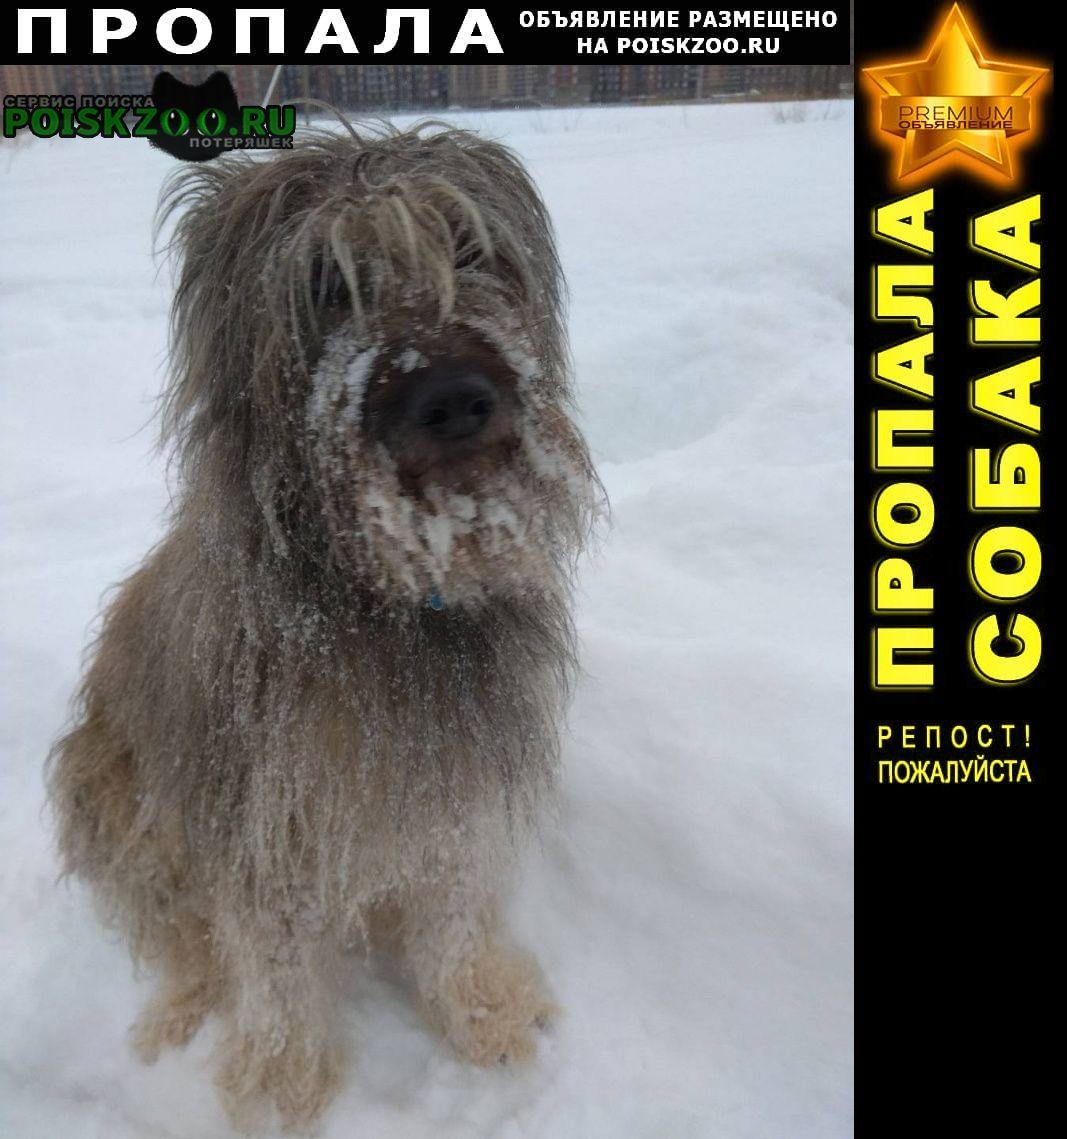 Пропала собака очень нужна помощь в поиске Санкт-Петербург